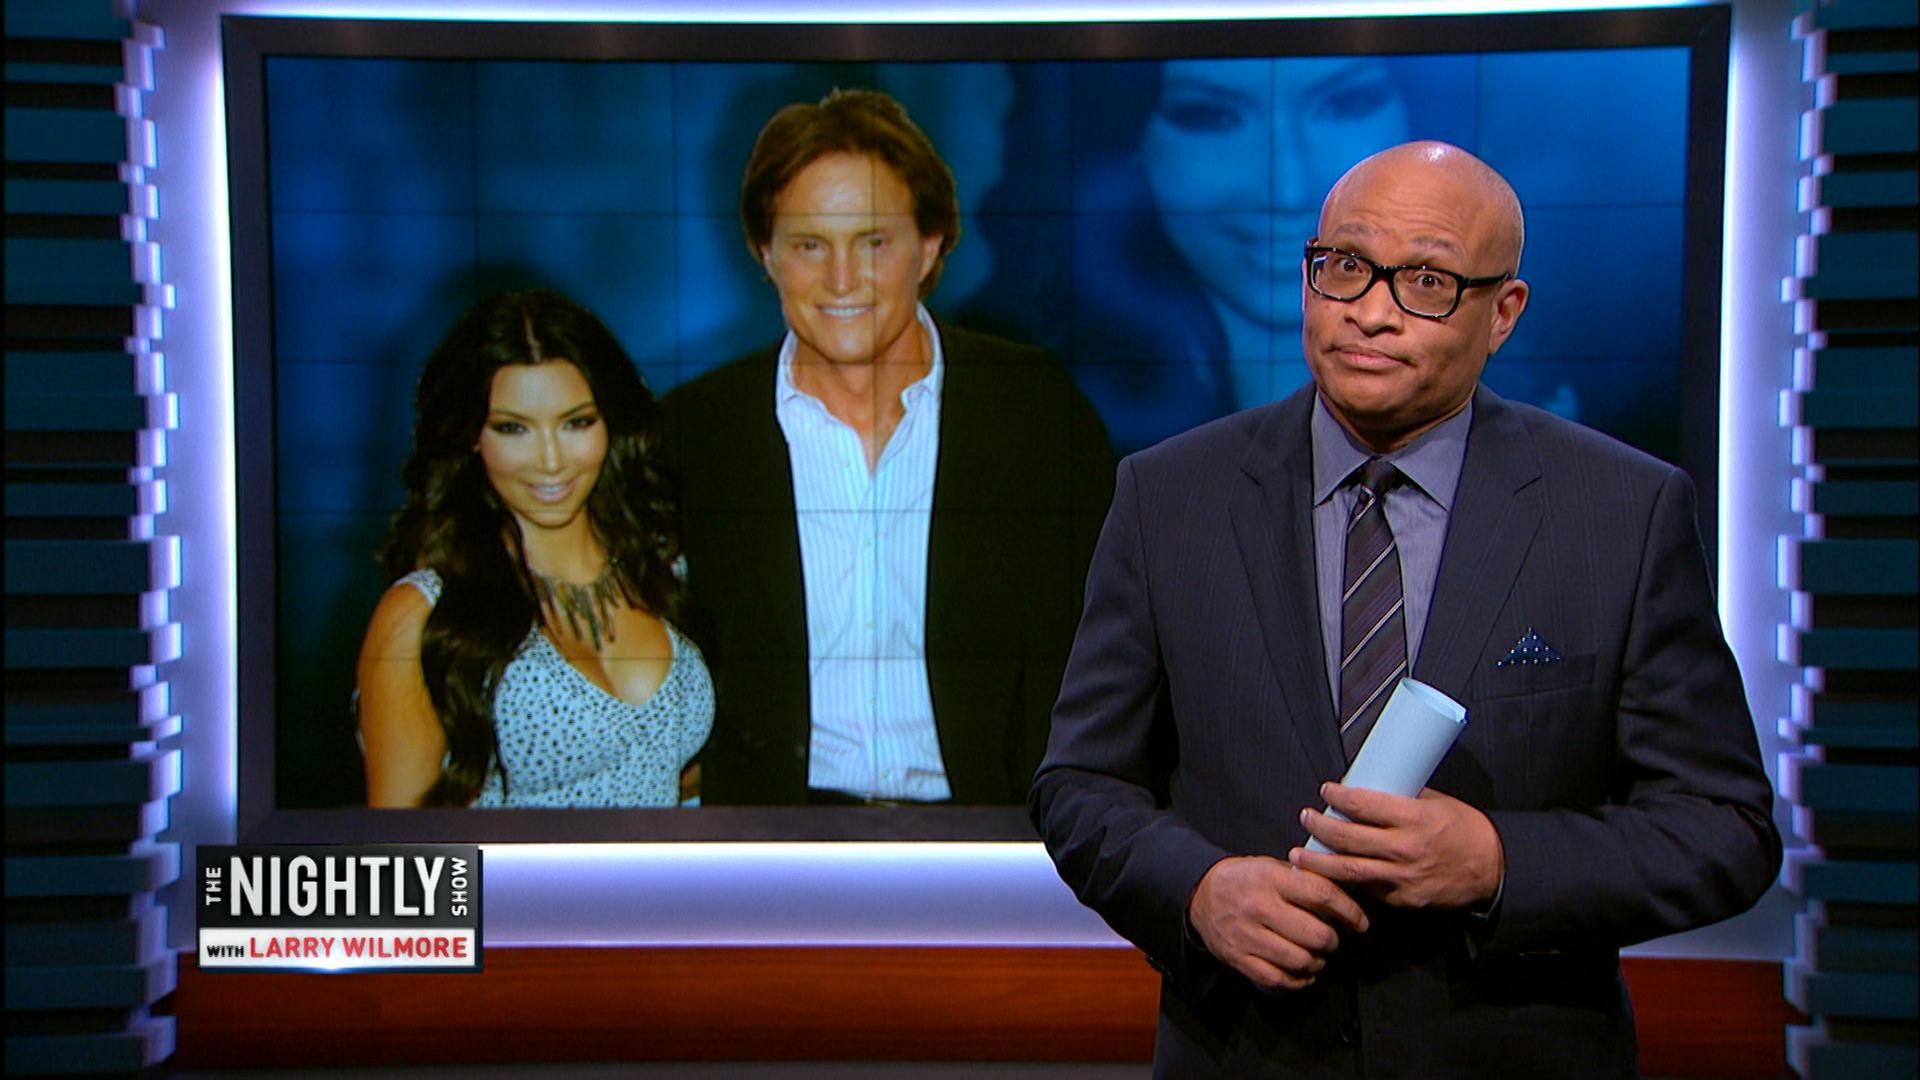 April 27, 2015 - Bruce Jenner's Gender Transition